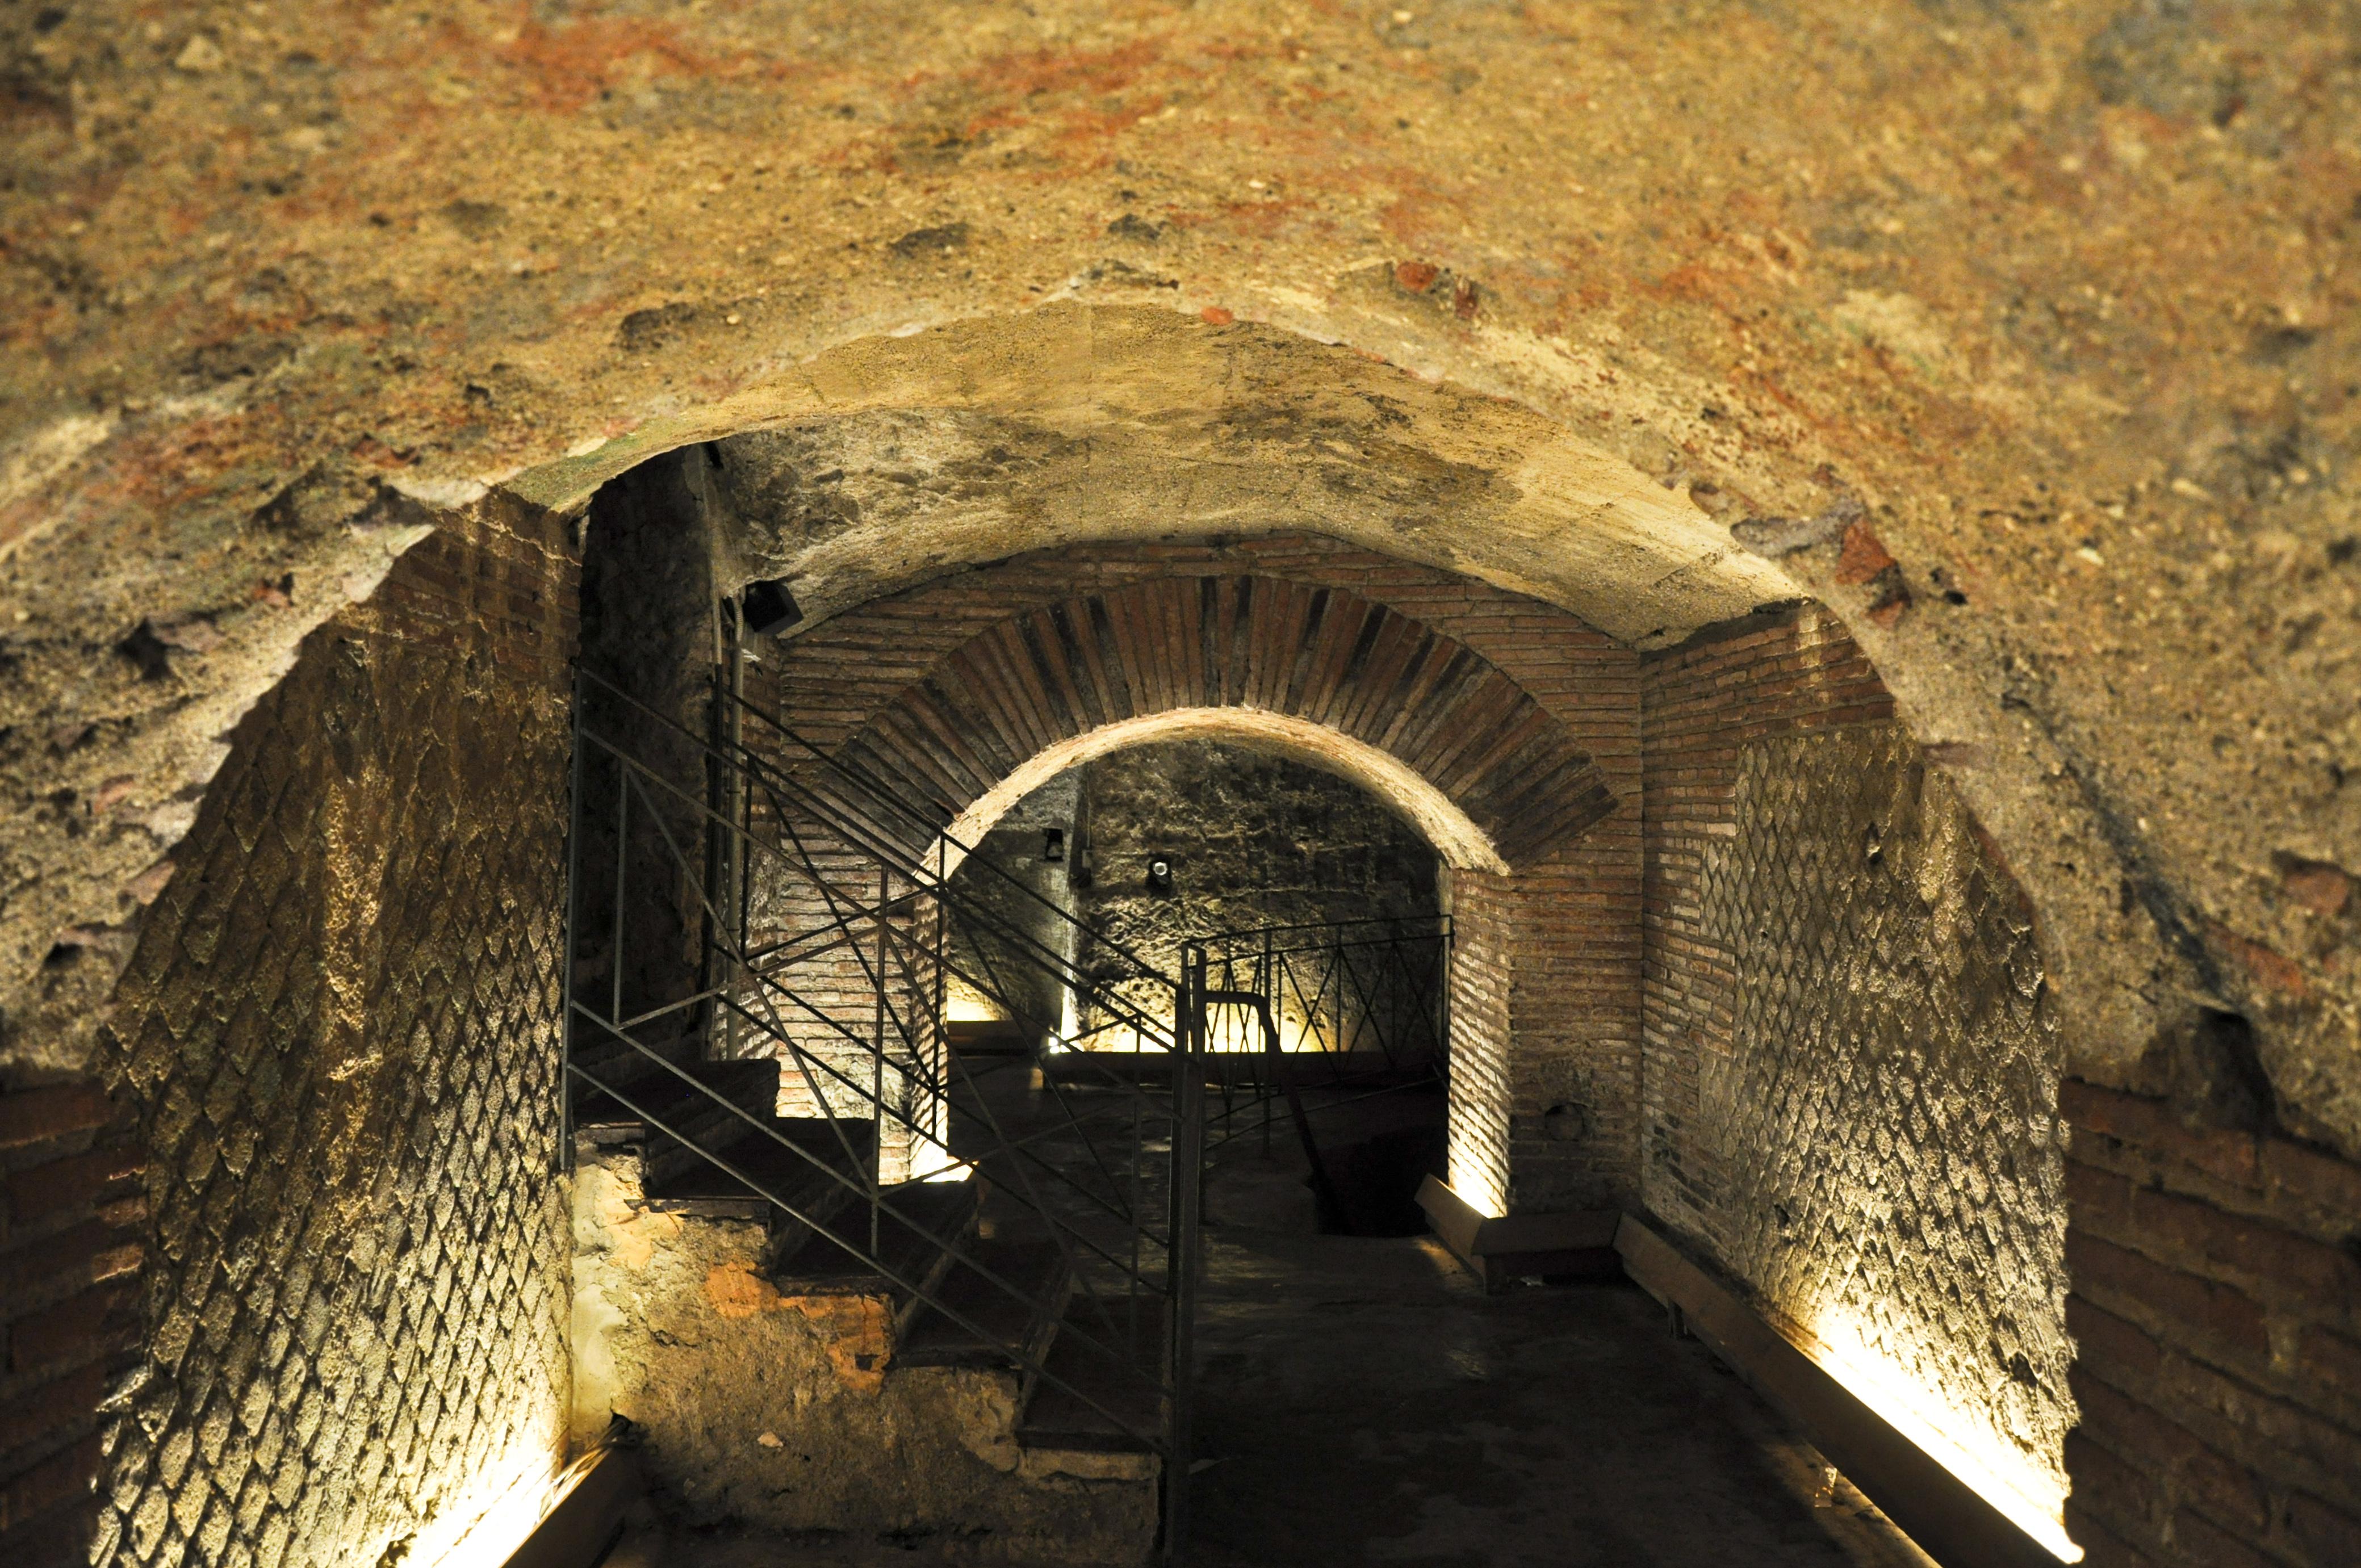 il-teatro-greco-romano-di-neapolis-secret-world